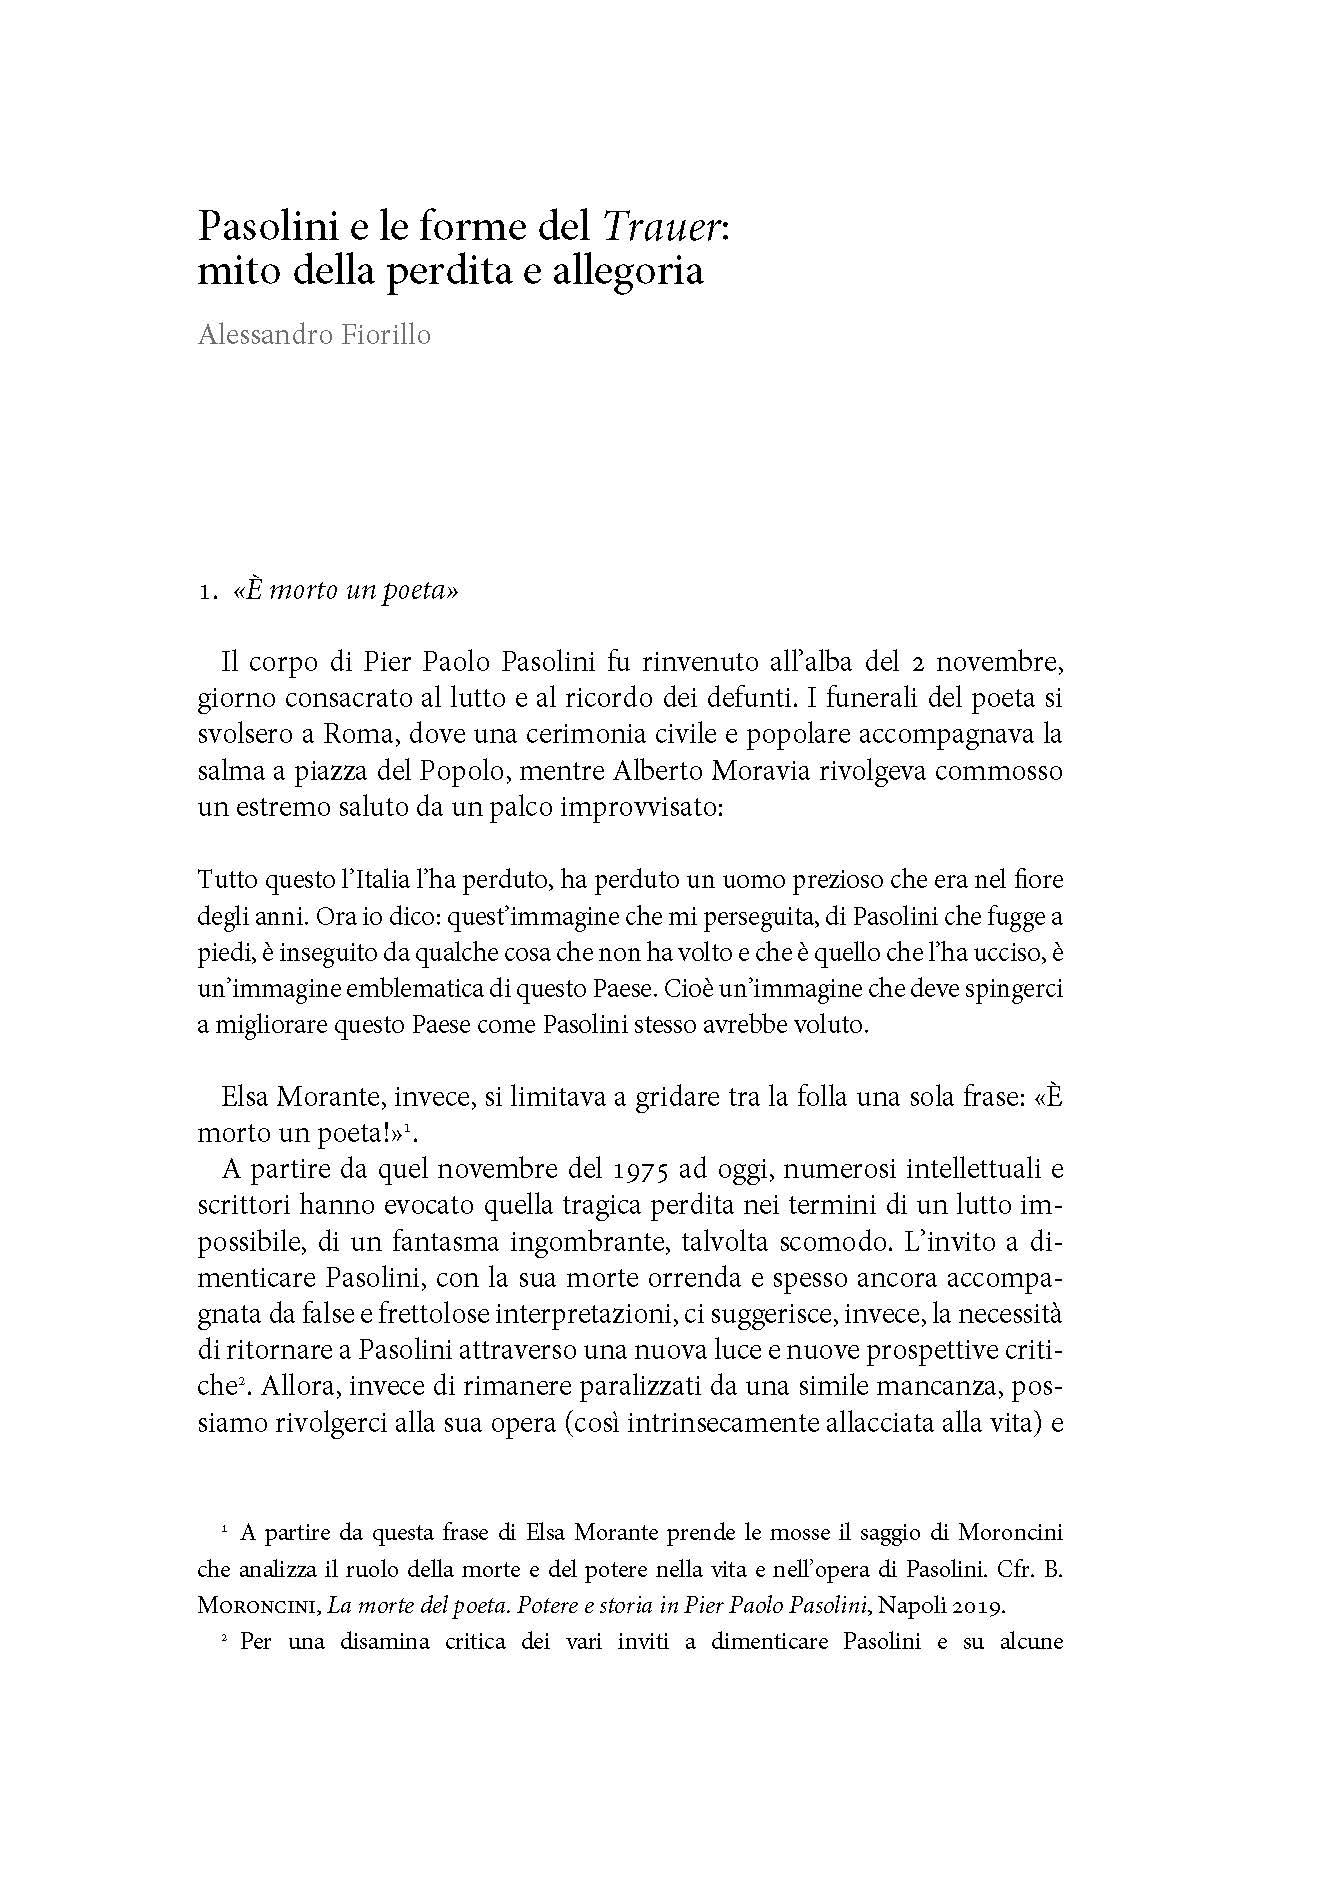 Pasolini e le forme del Trauer: mito della perdita e allegoria